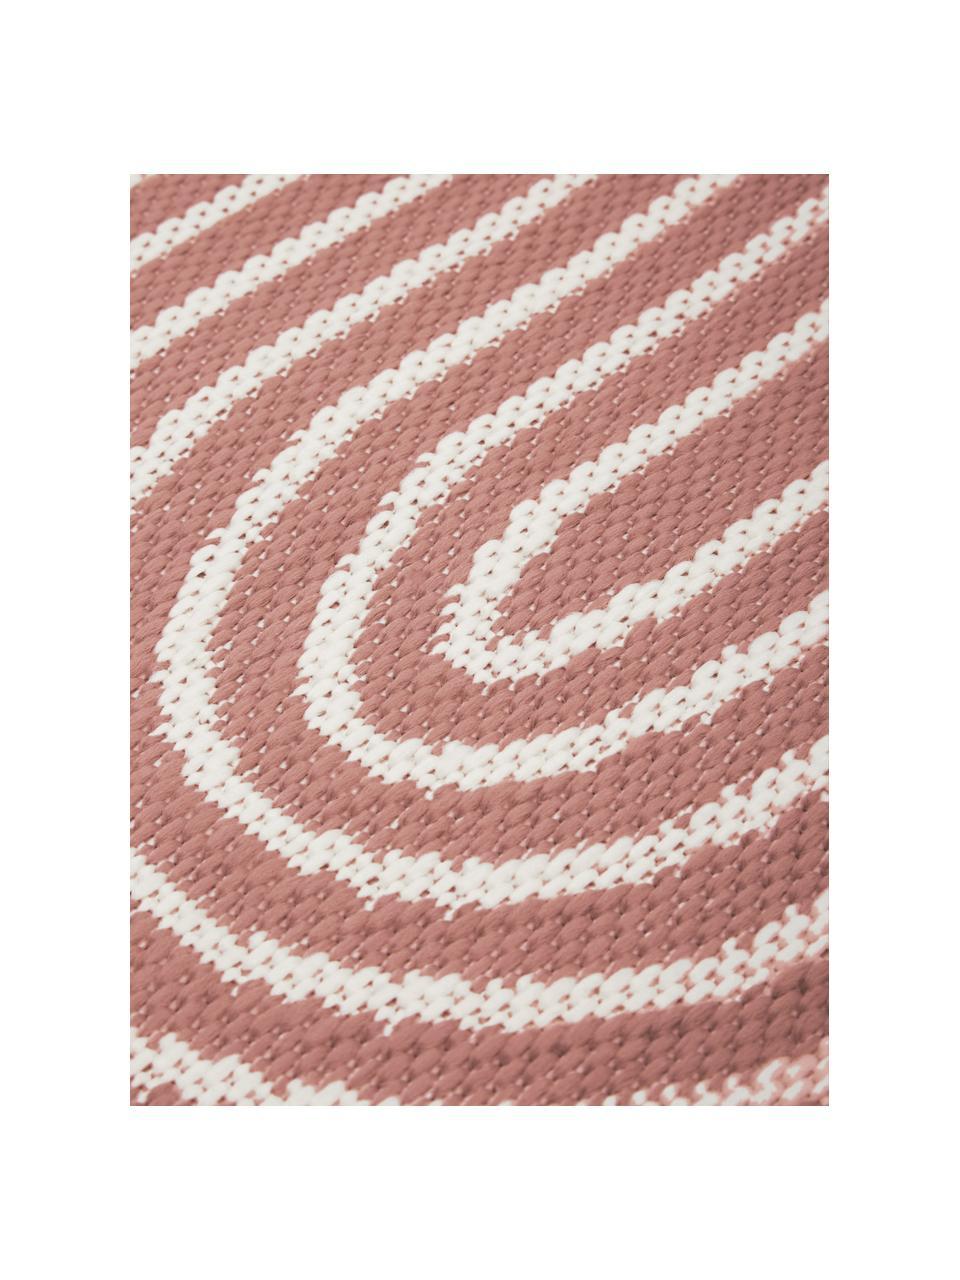 Passatoia da interno-esterno corallo/bianco crema Arches, 86% polipropilene, 14% poliestere, Rosso, bianco, Larg. 80 x Lung. 250 cm